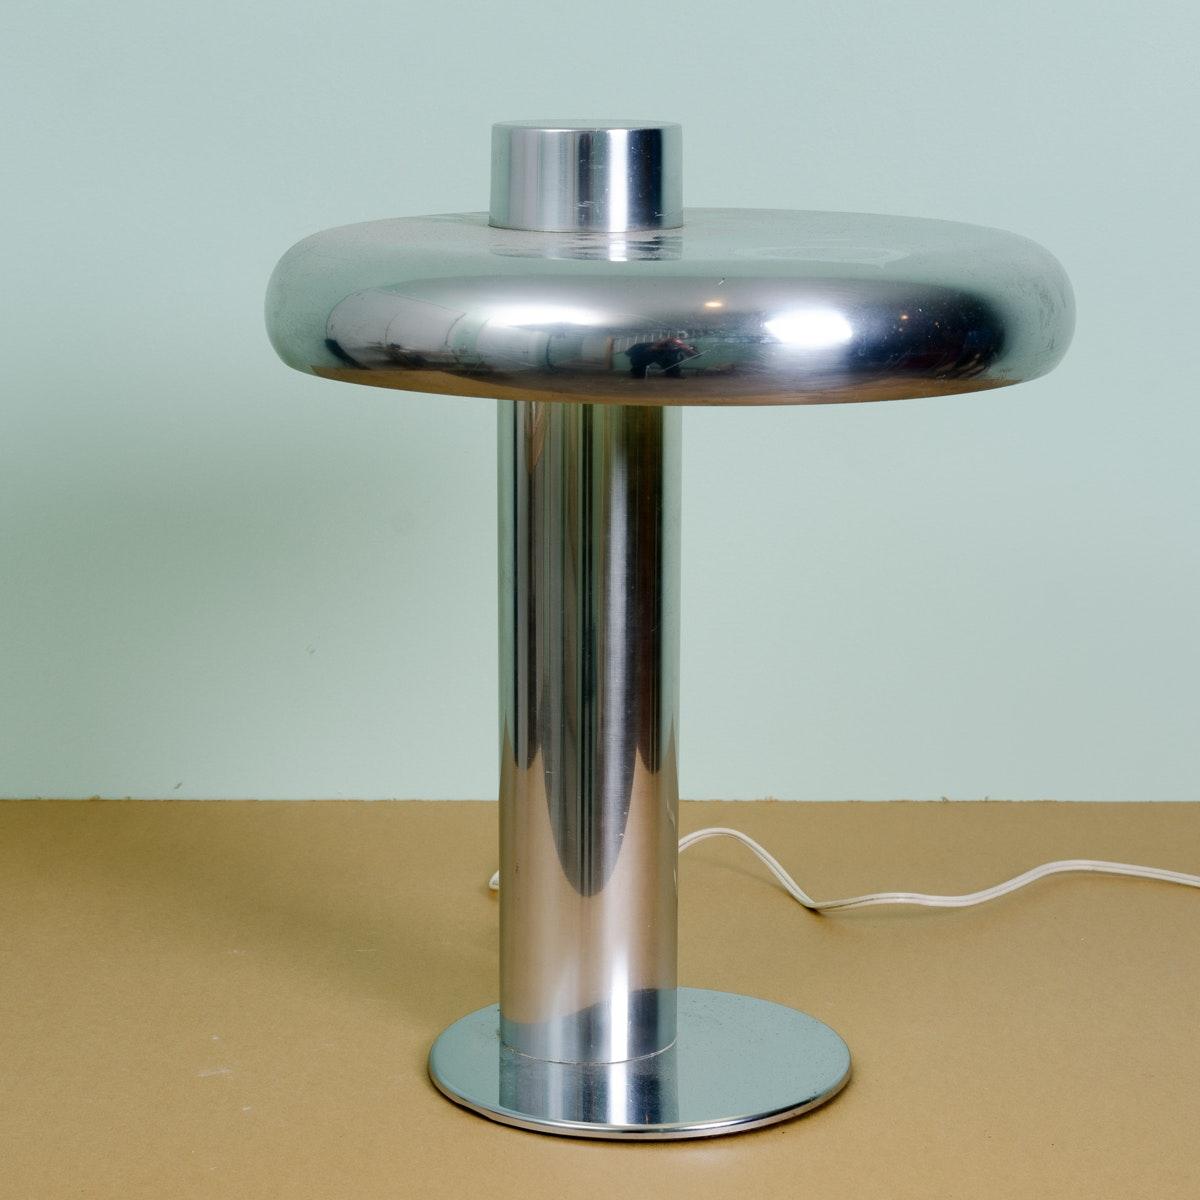 Mid Century Modern Metal Desk Lamp by Laurel